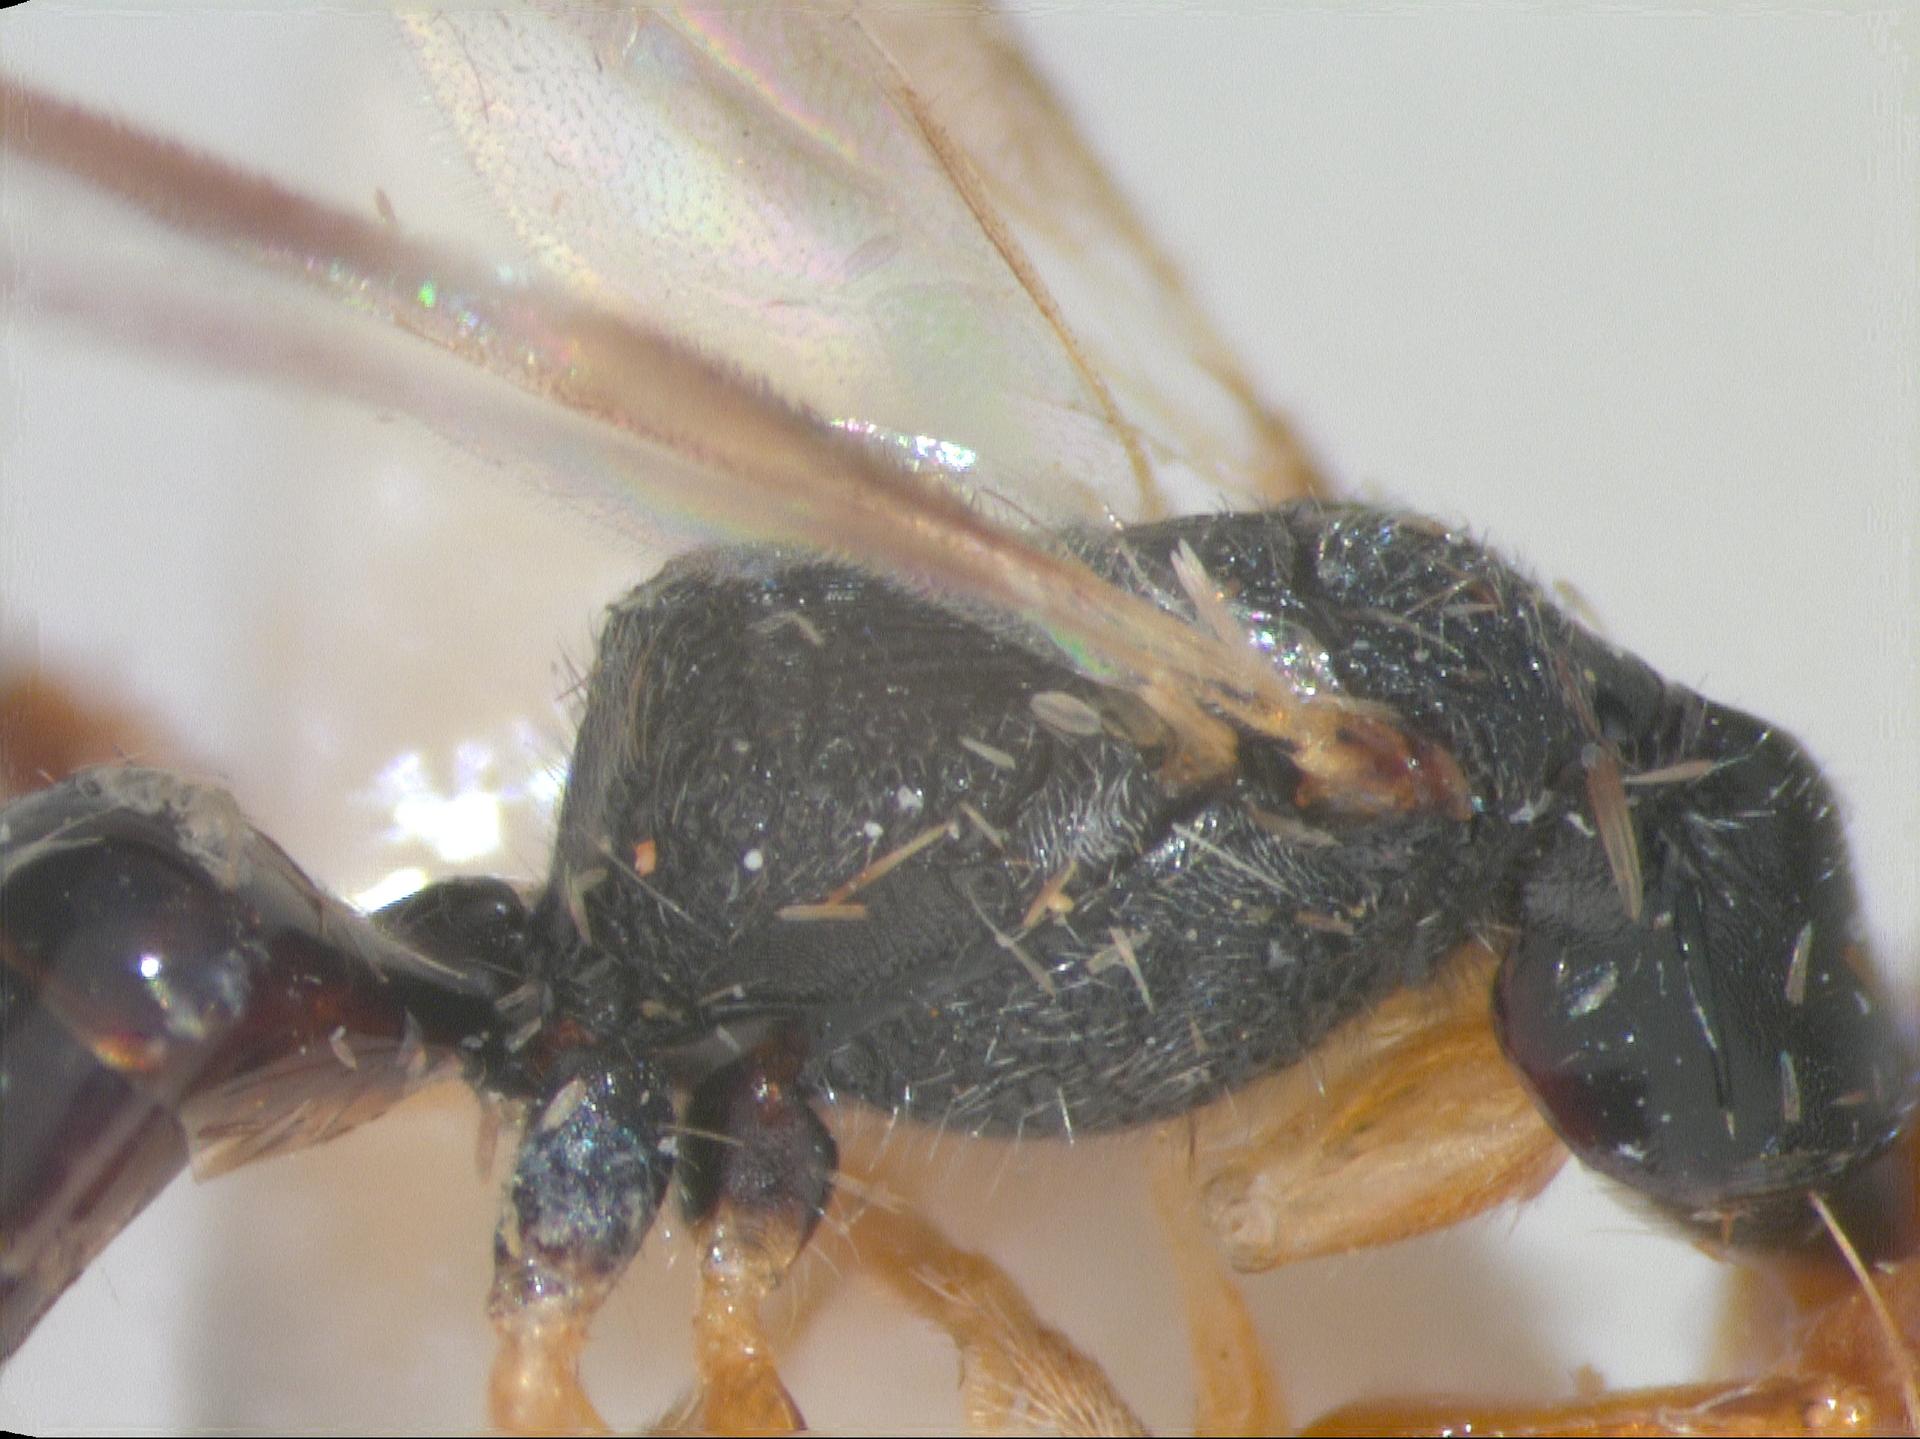 RMNH.INS.959885 | Mesodryinus forestalis Olmi, 1984